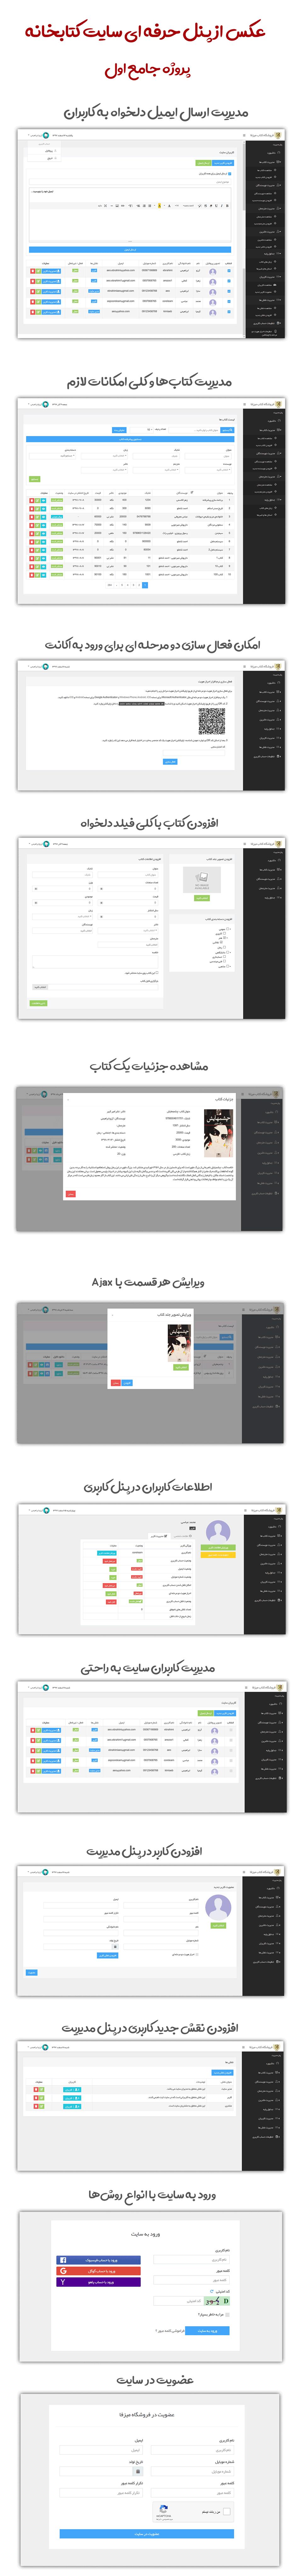 آموزش پروژه محور طراحی سایت با asp.net